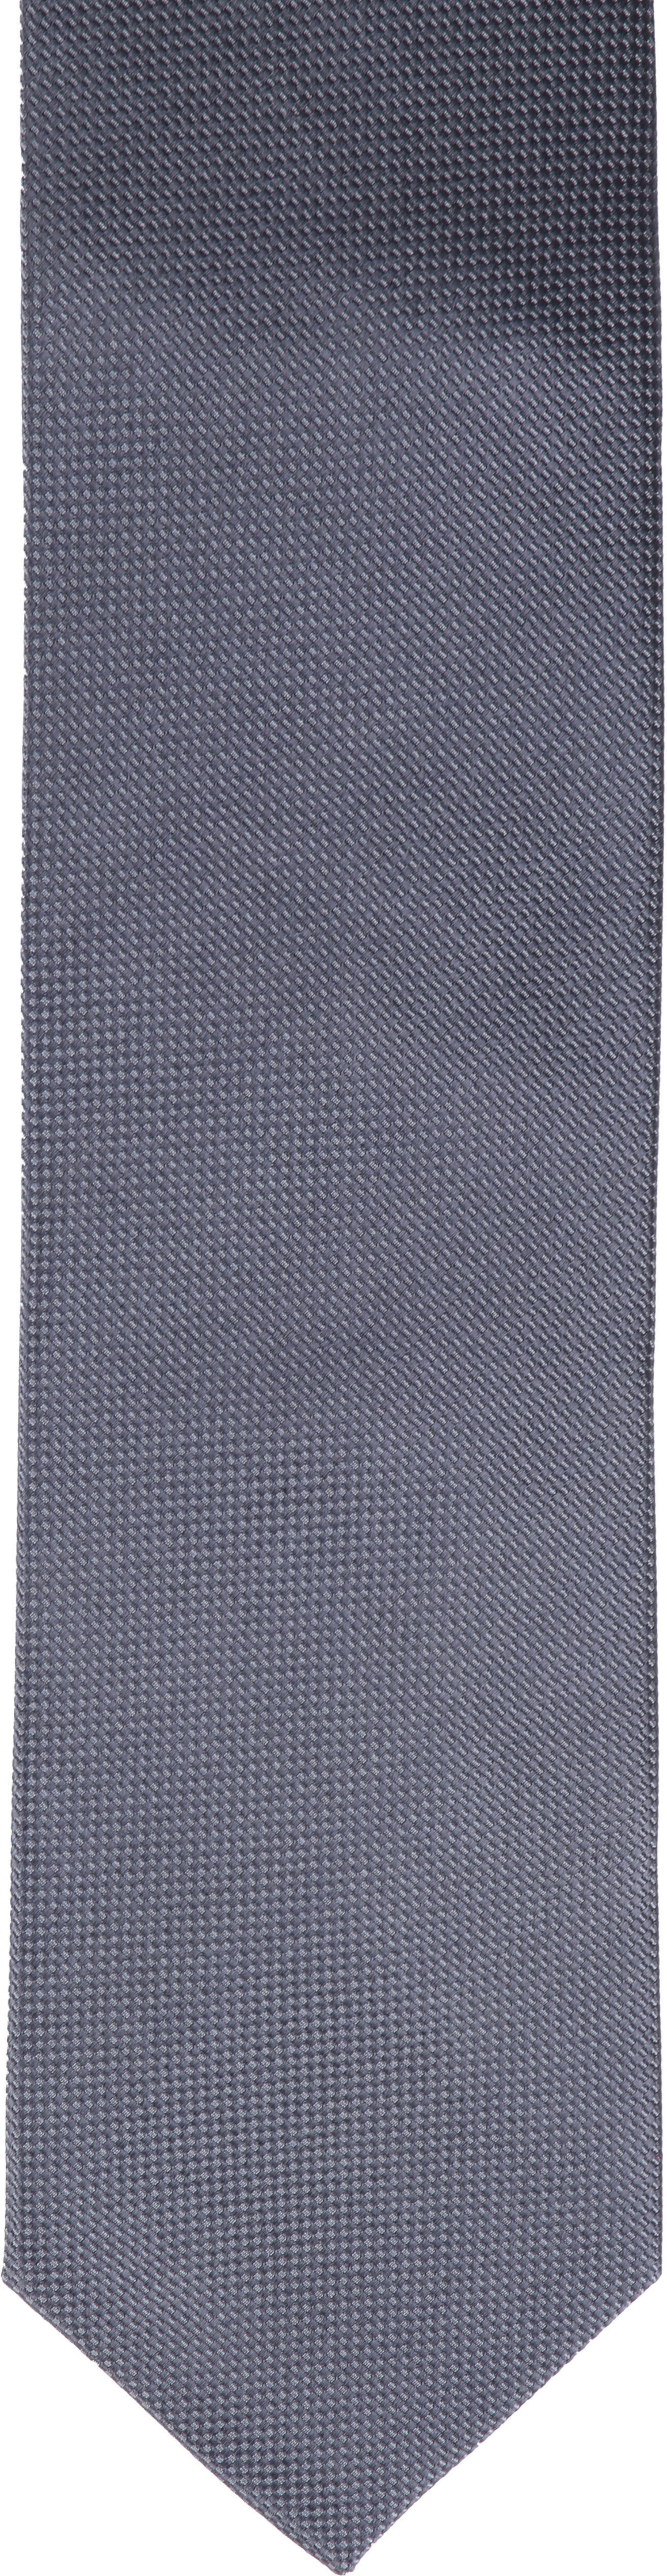 Krawatte Seide Dessin Grau foto 1